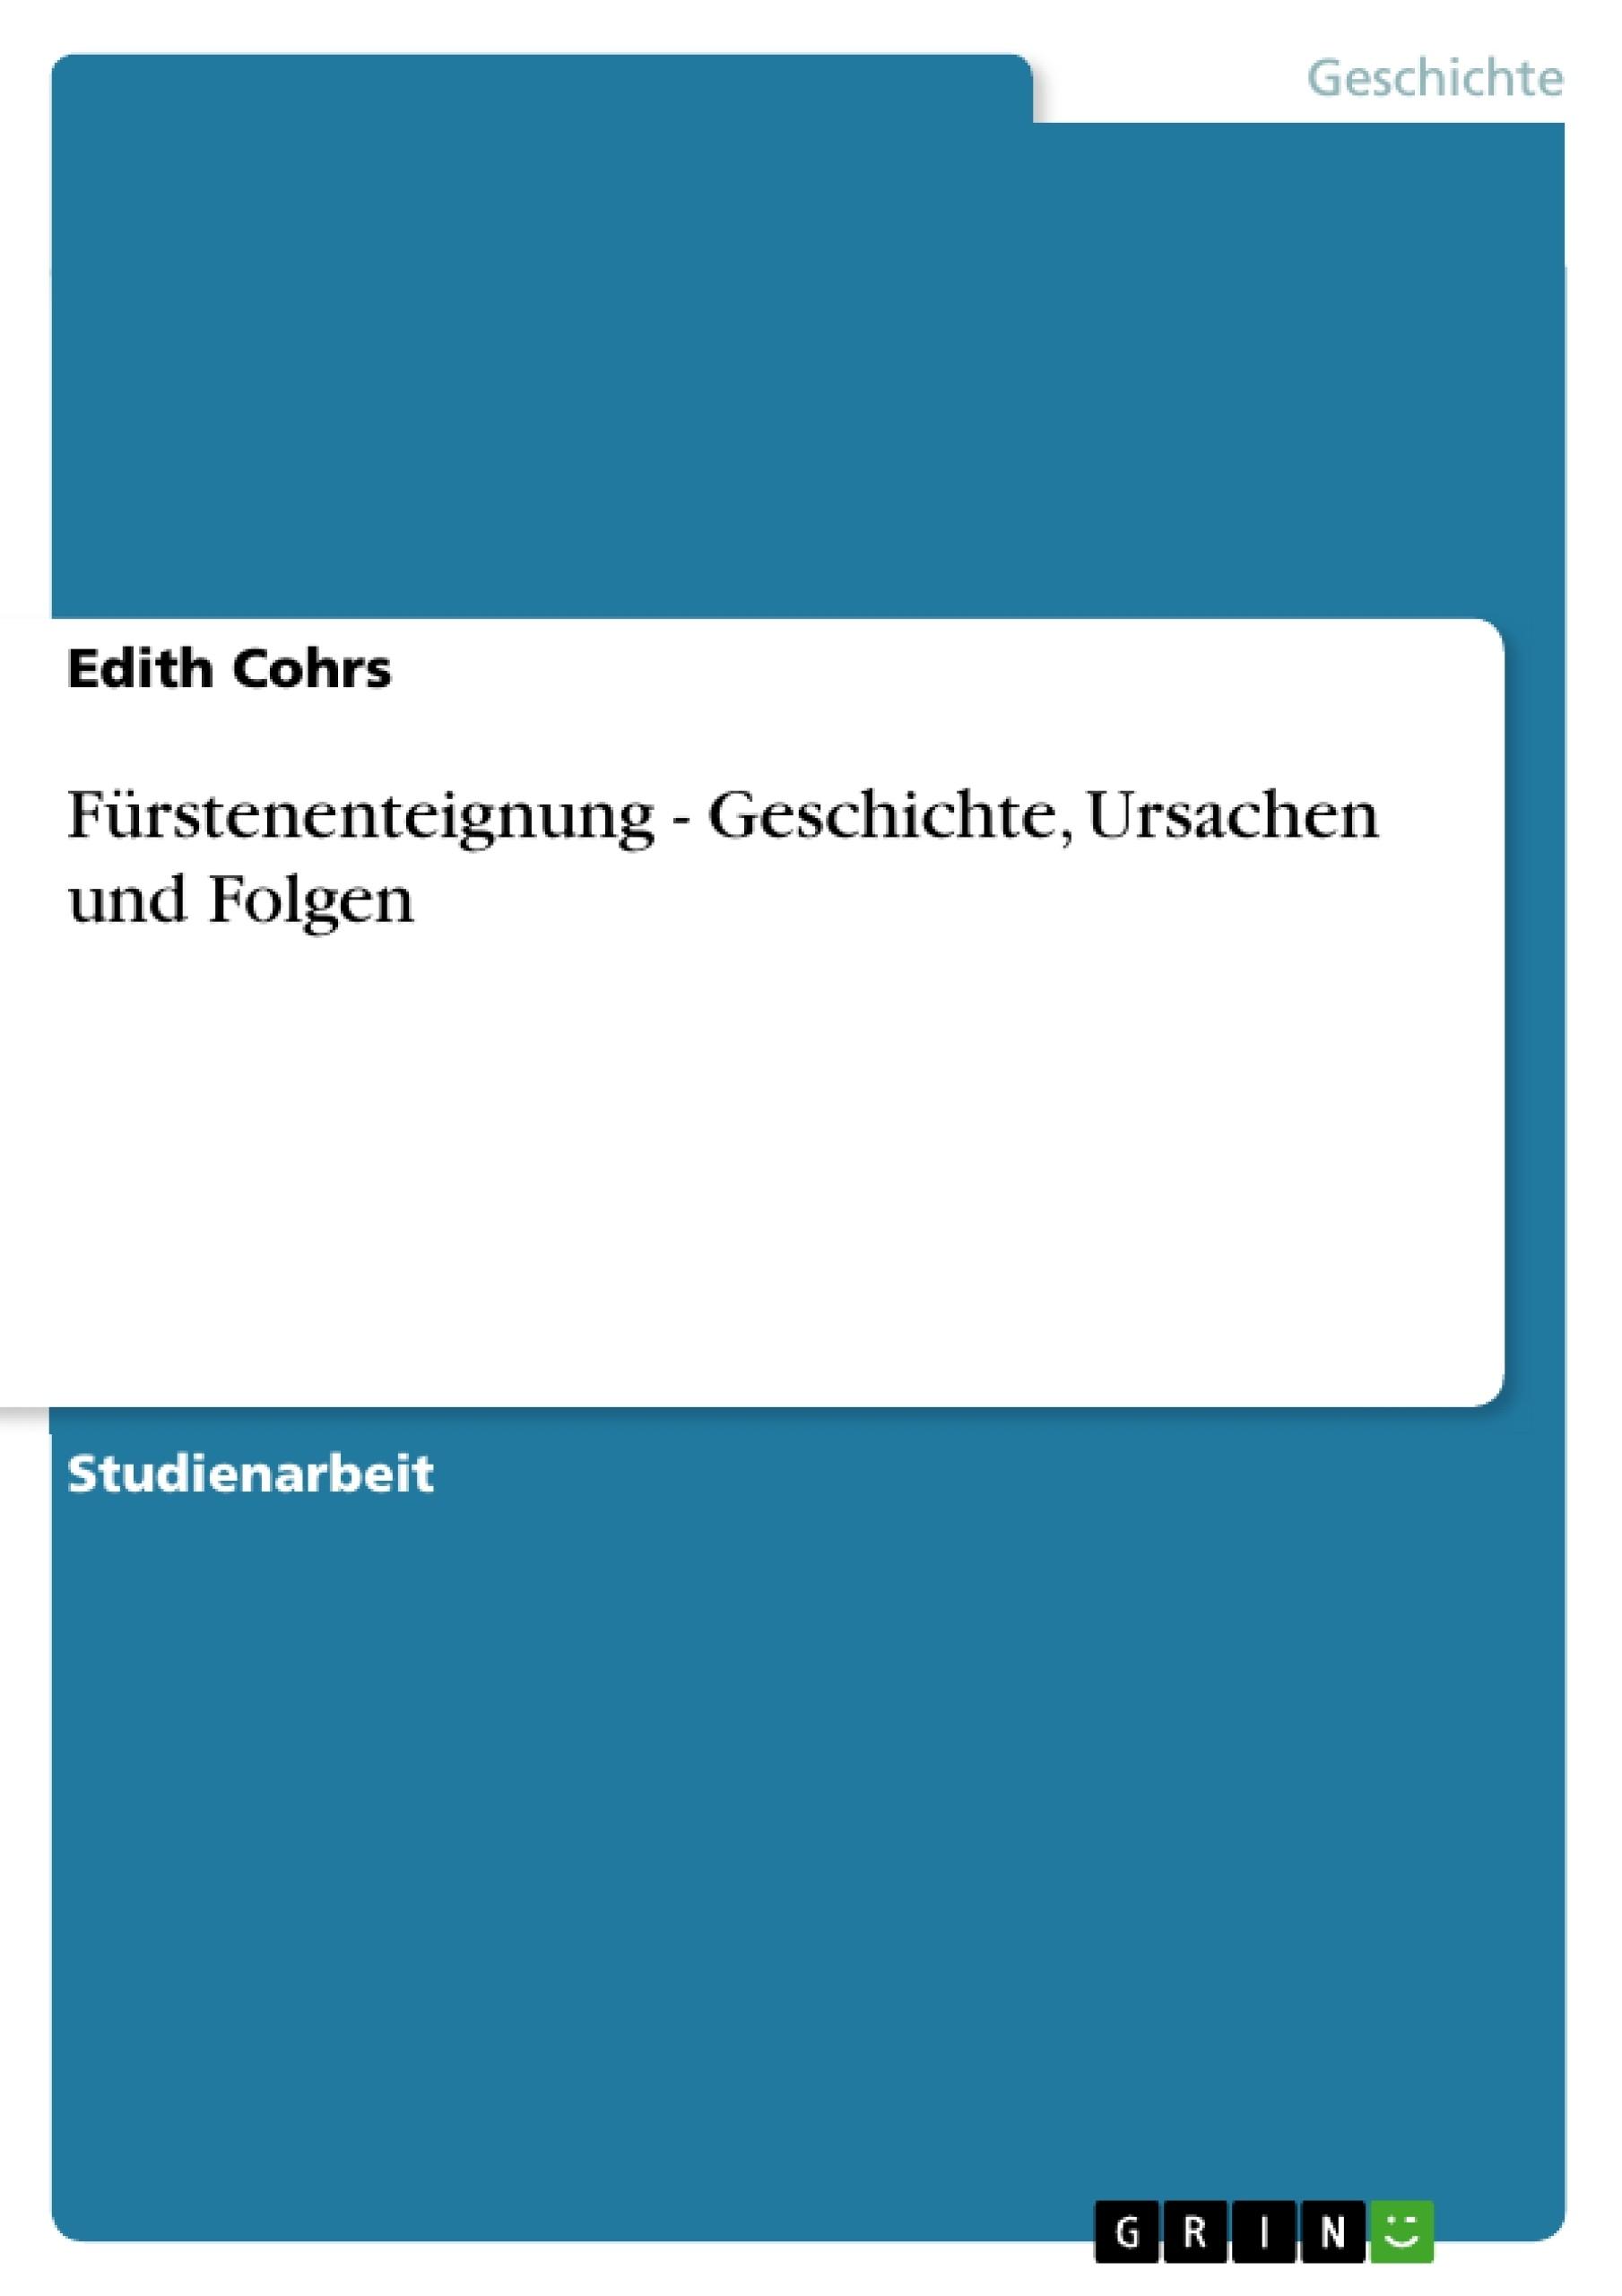 Titel: Fürstenenteignung - Geschichte, Ursachen und Folgen